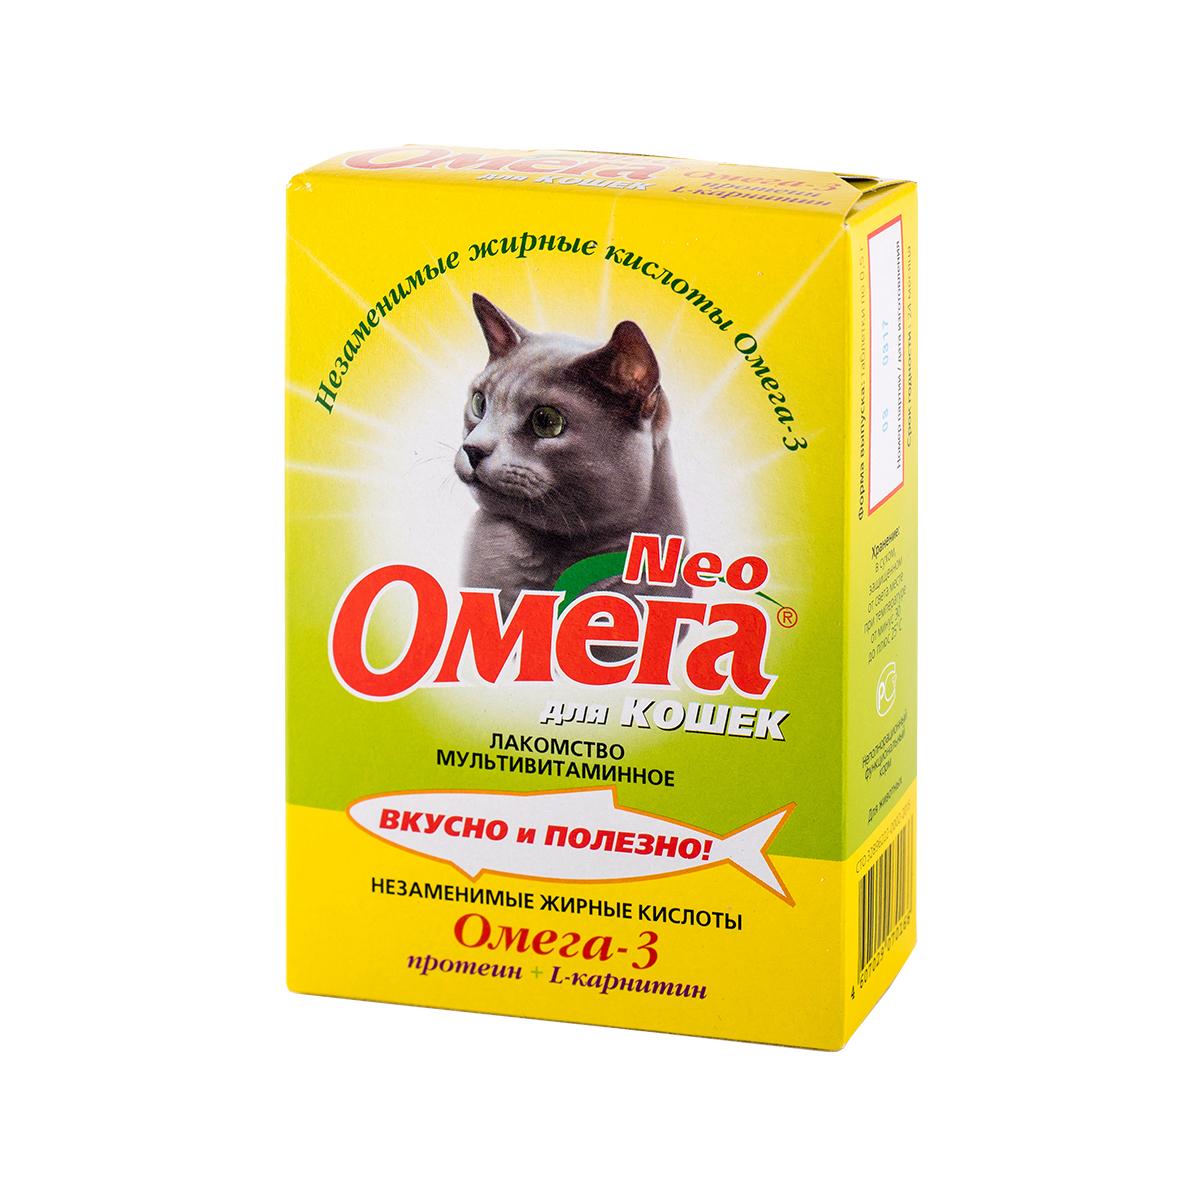 Омега Neo для кошек с протеином и L-карнитином